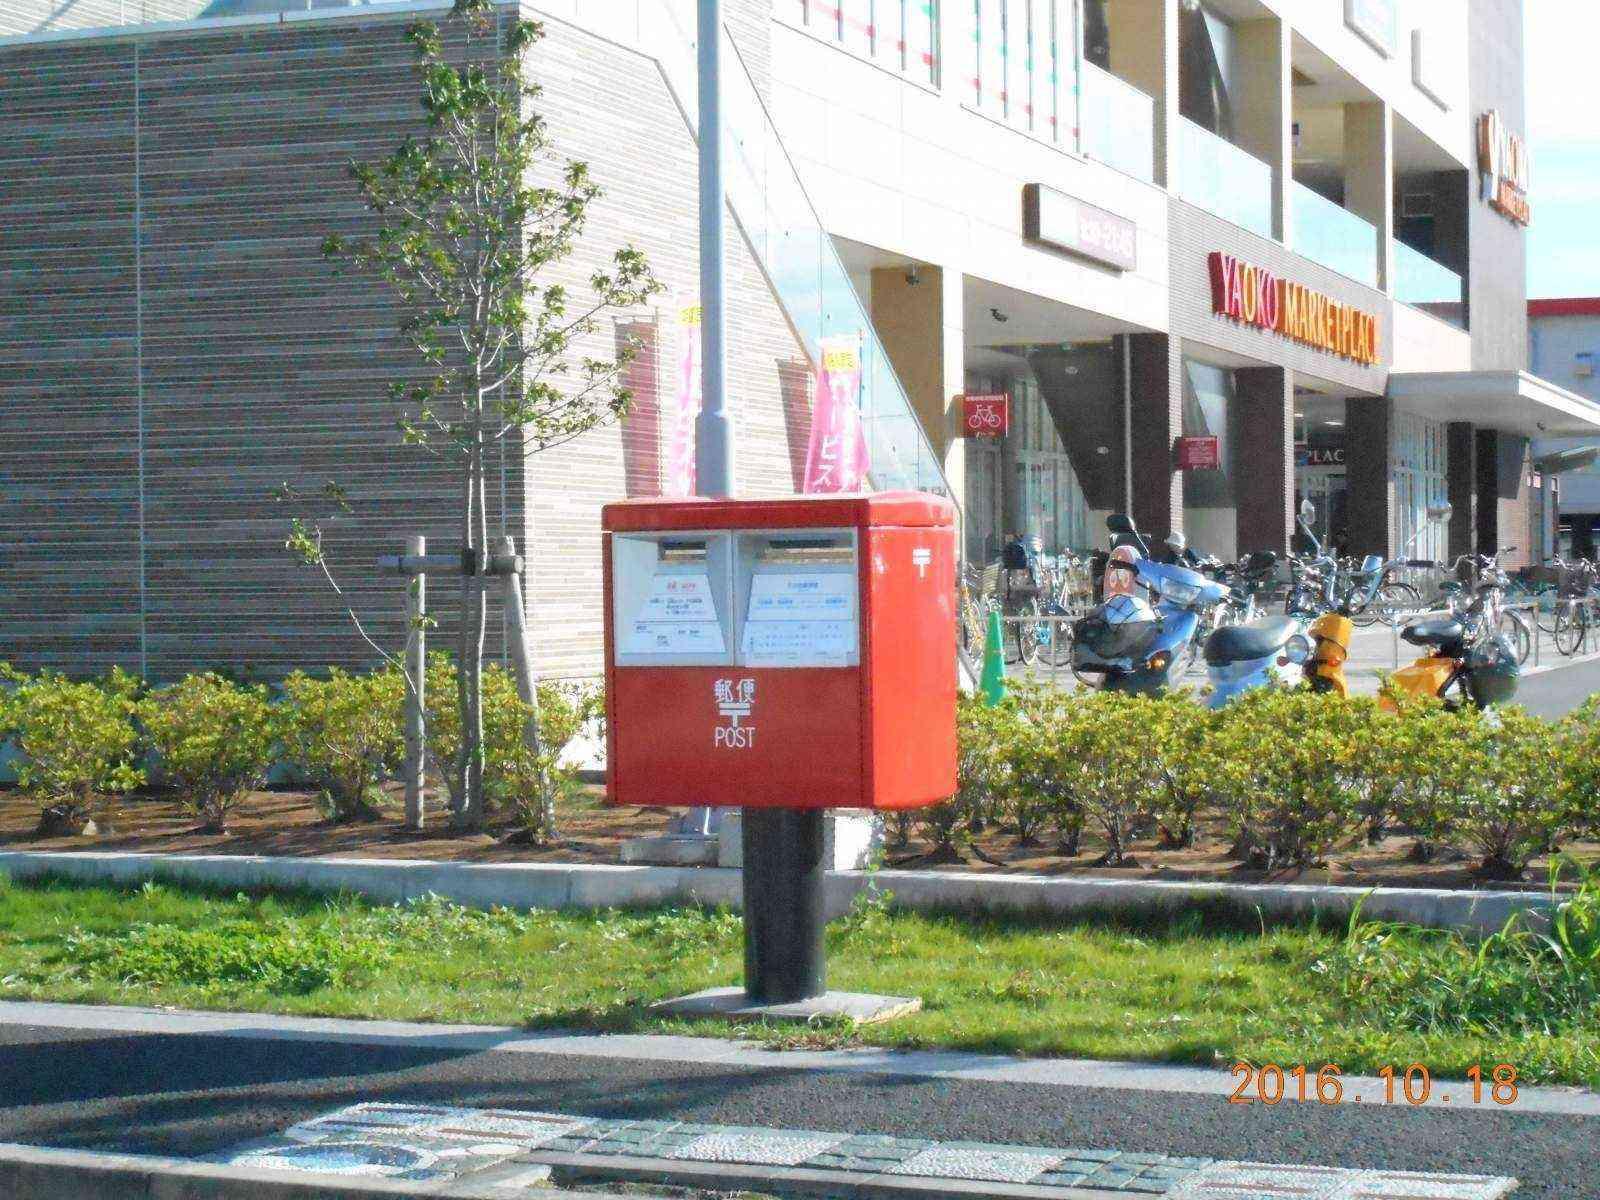 木地区に郵便ポストが新設